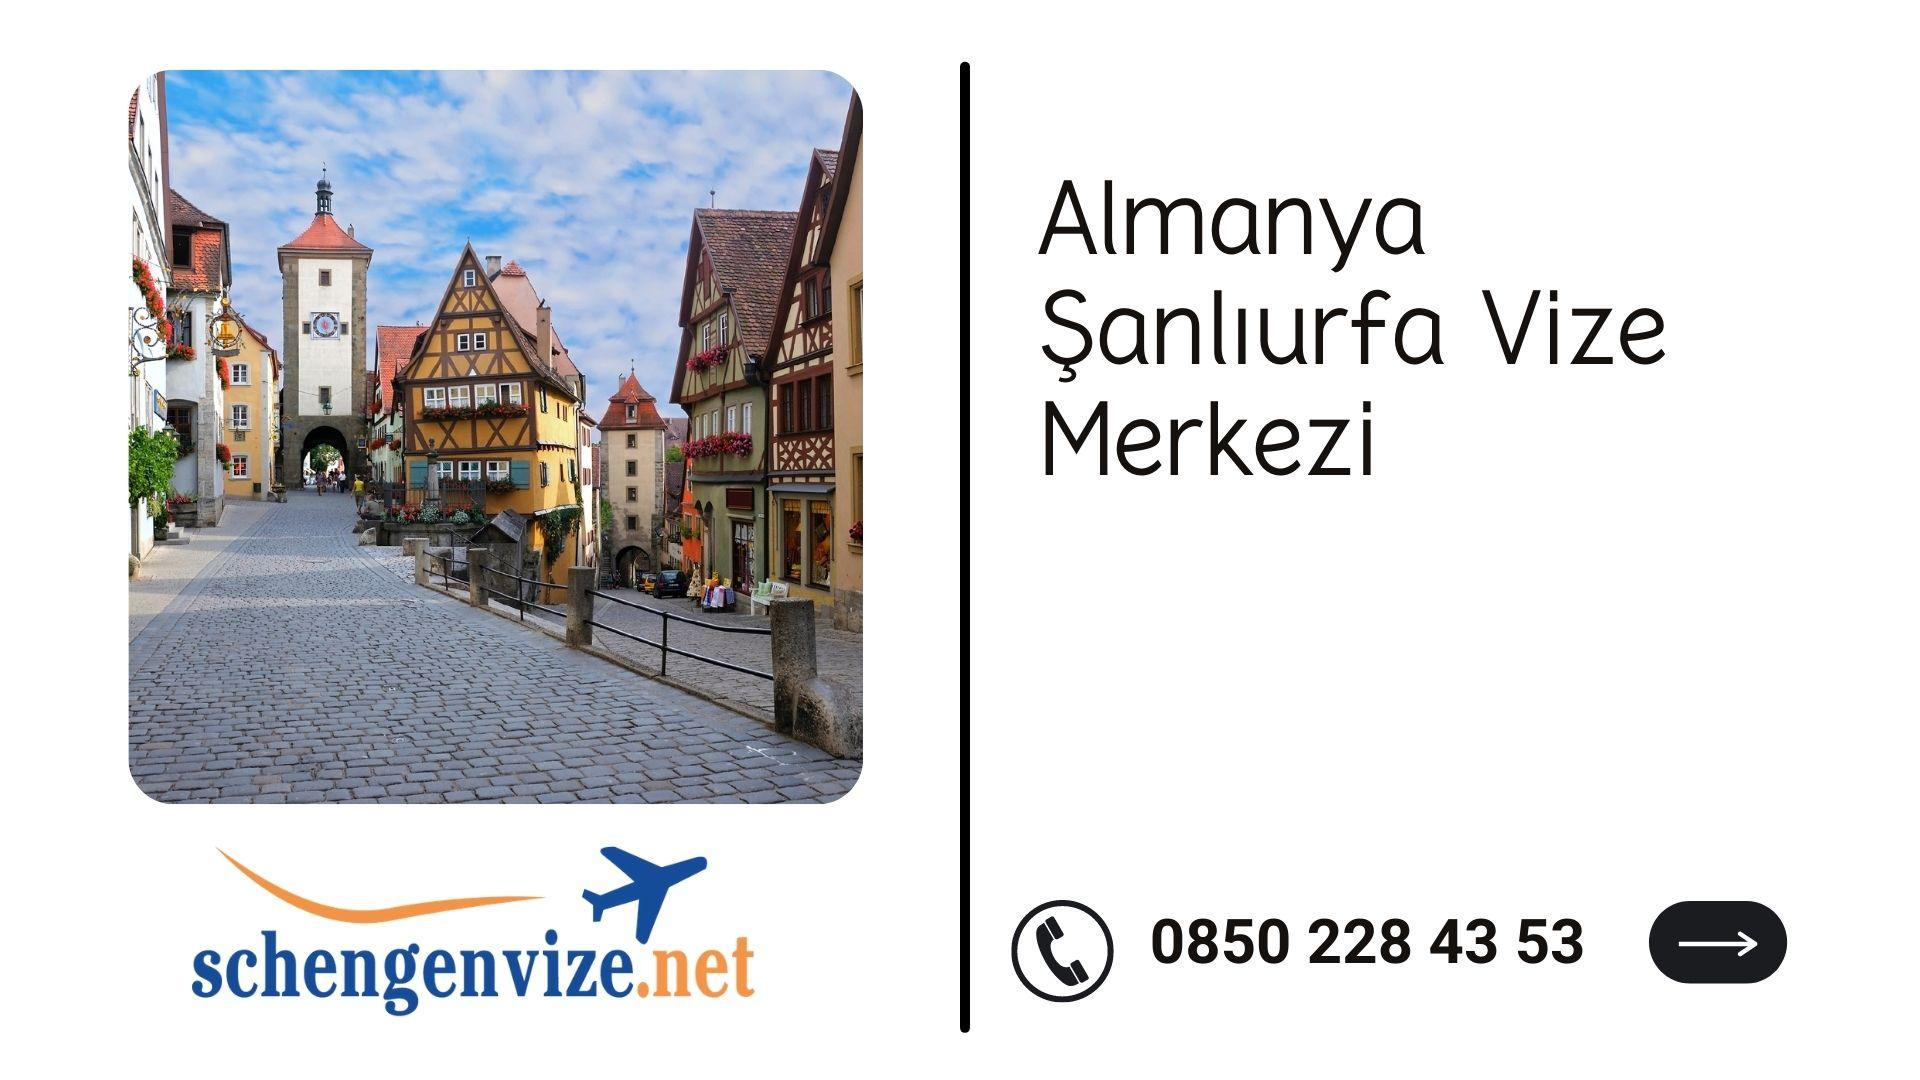 Almanya Şanlıurfa Vize Merkezi